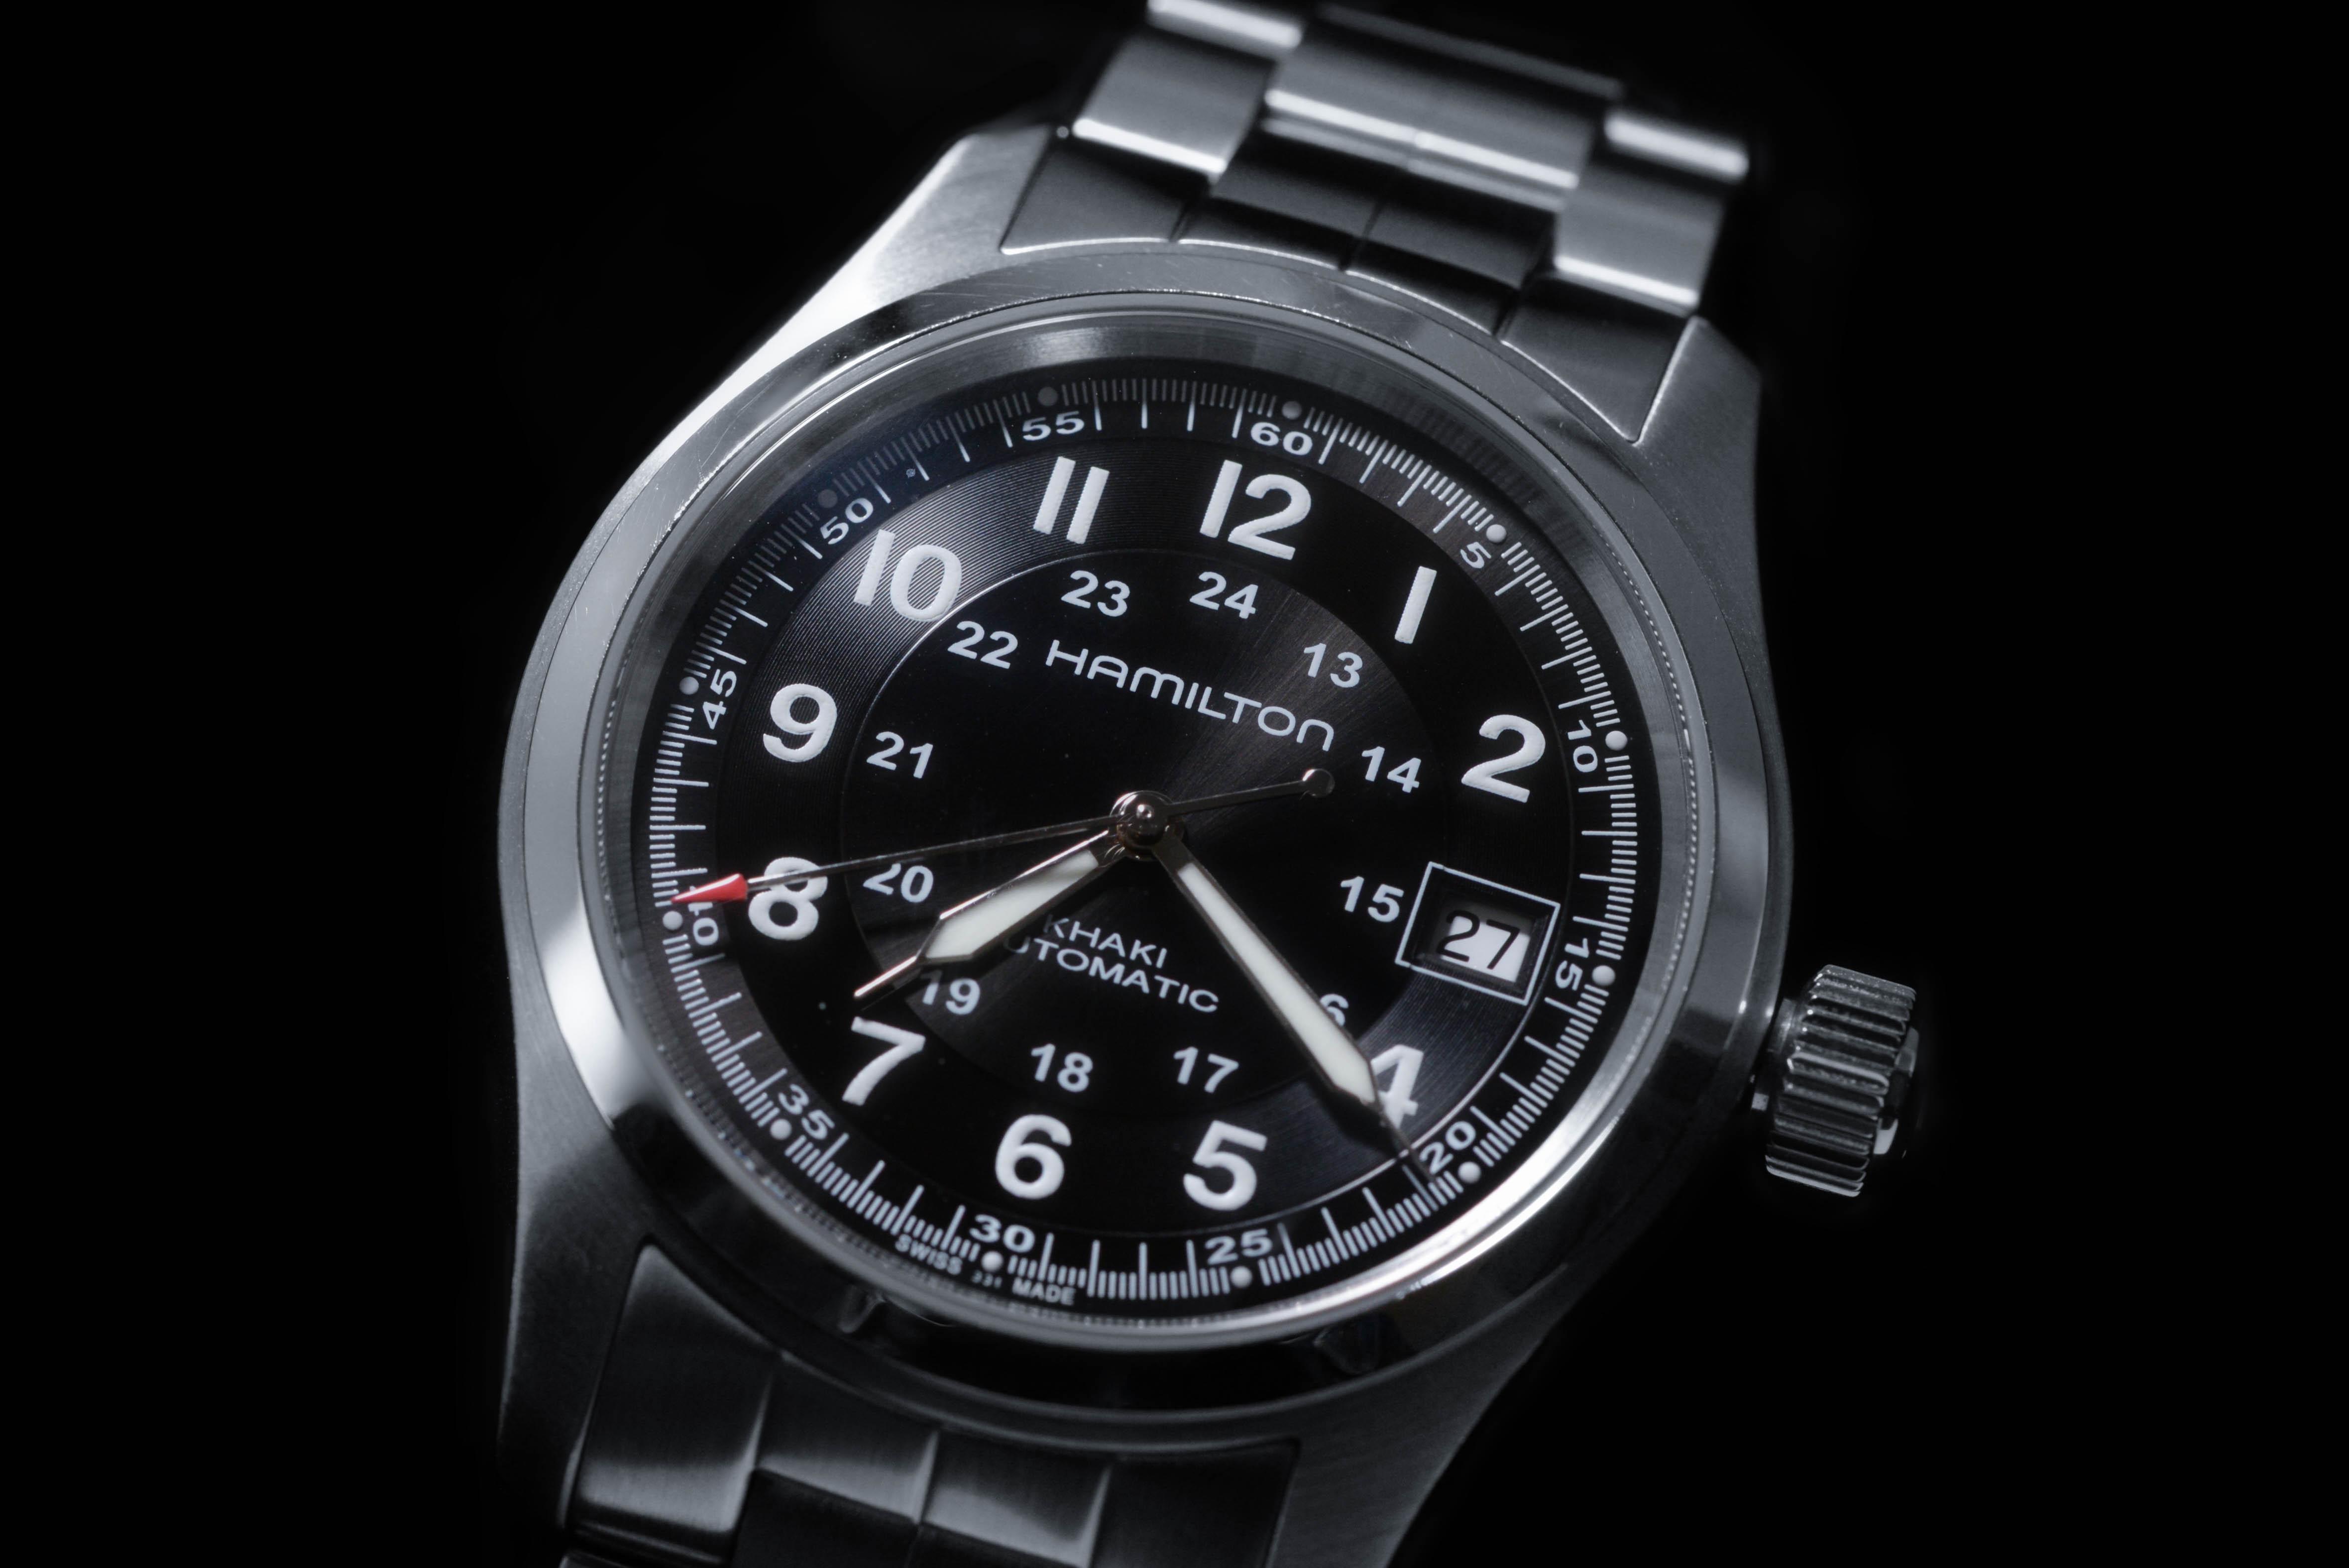 リュウノリタカさんの腕時計はハミルトン カーキ フィールド オート Ref.H70455133